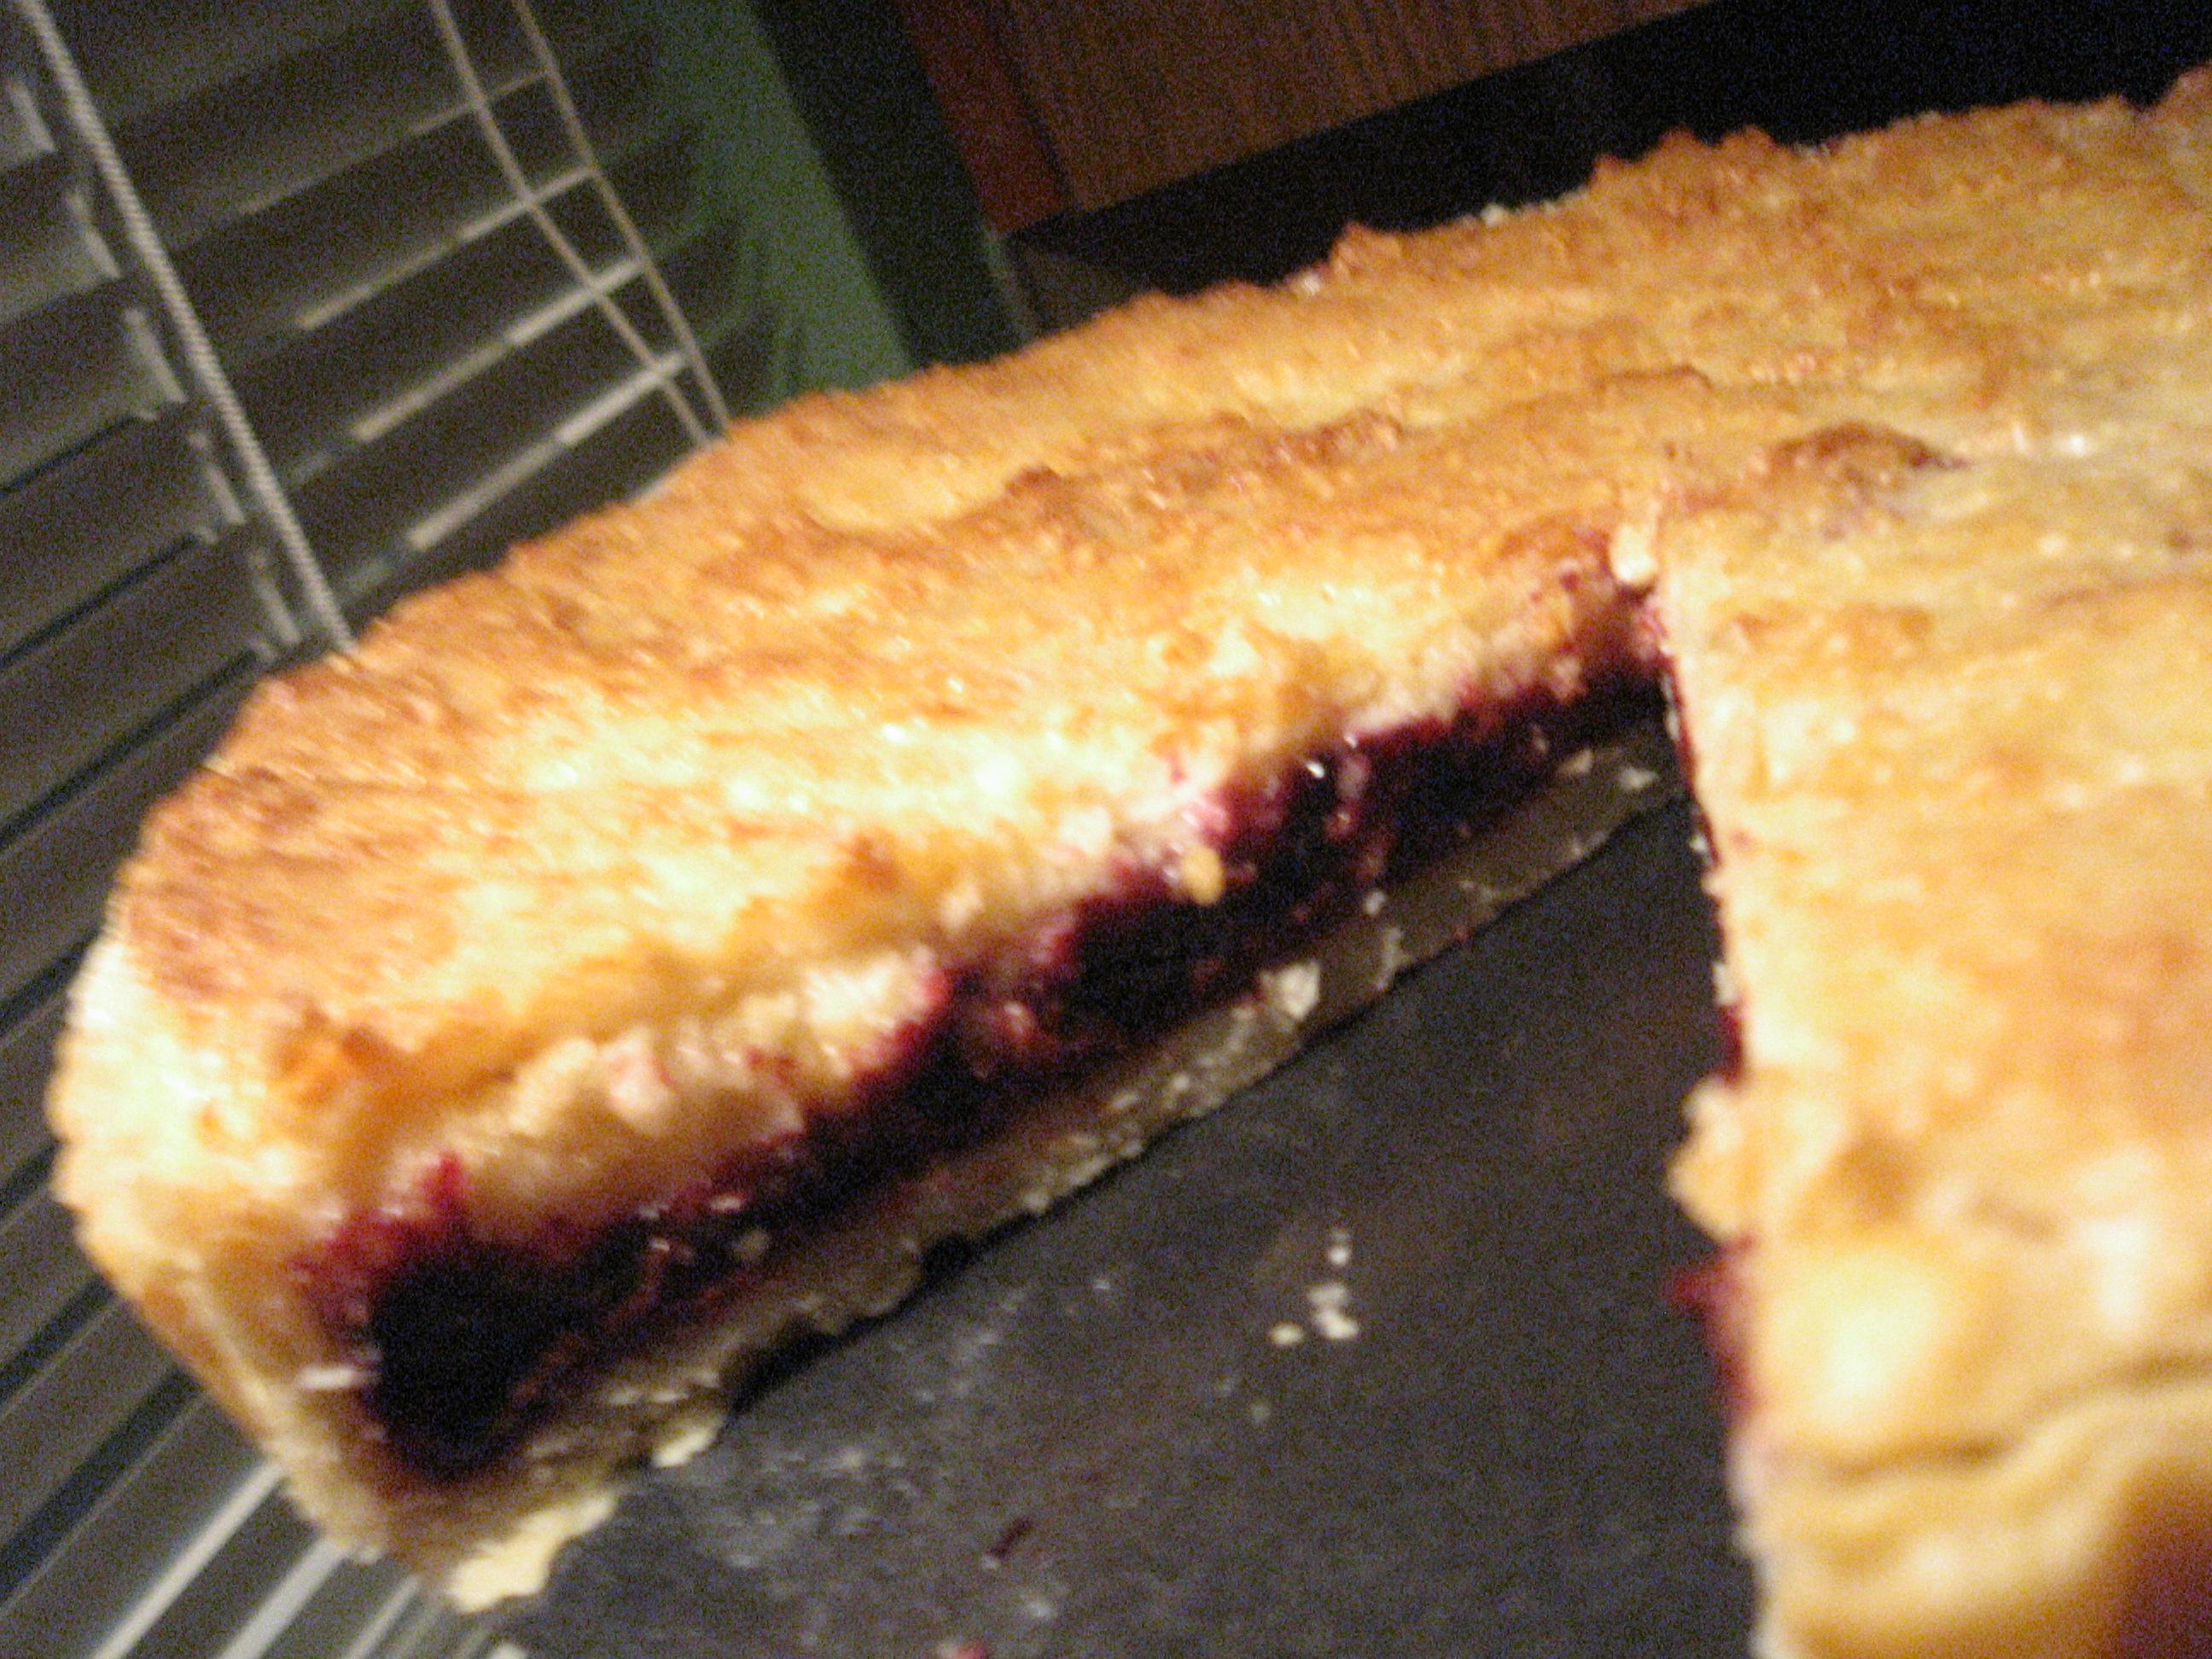 bakewell tart cut